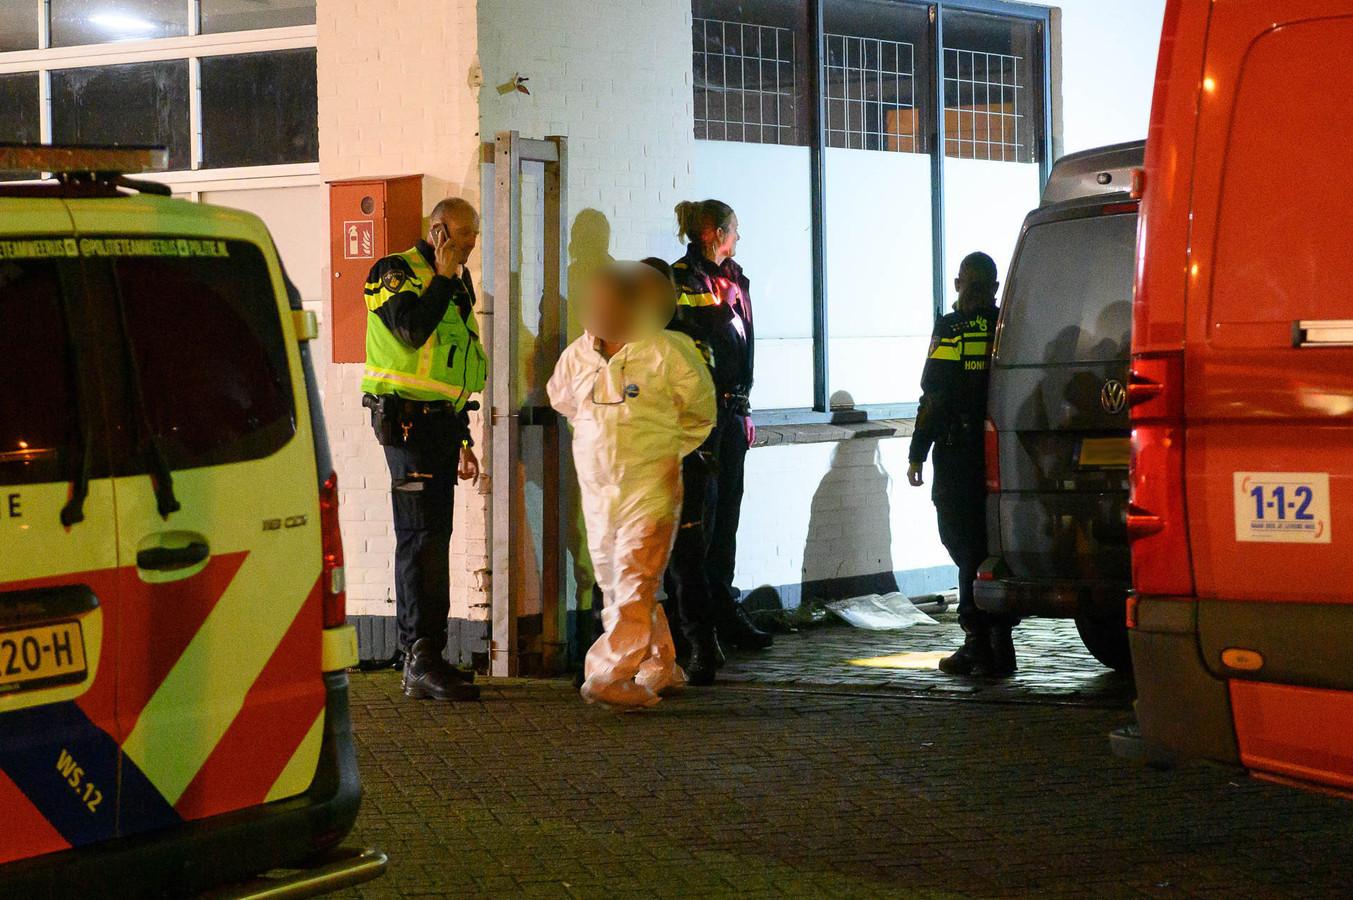 Vijf mannen zijn in de buurt van de loods aangehouden.